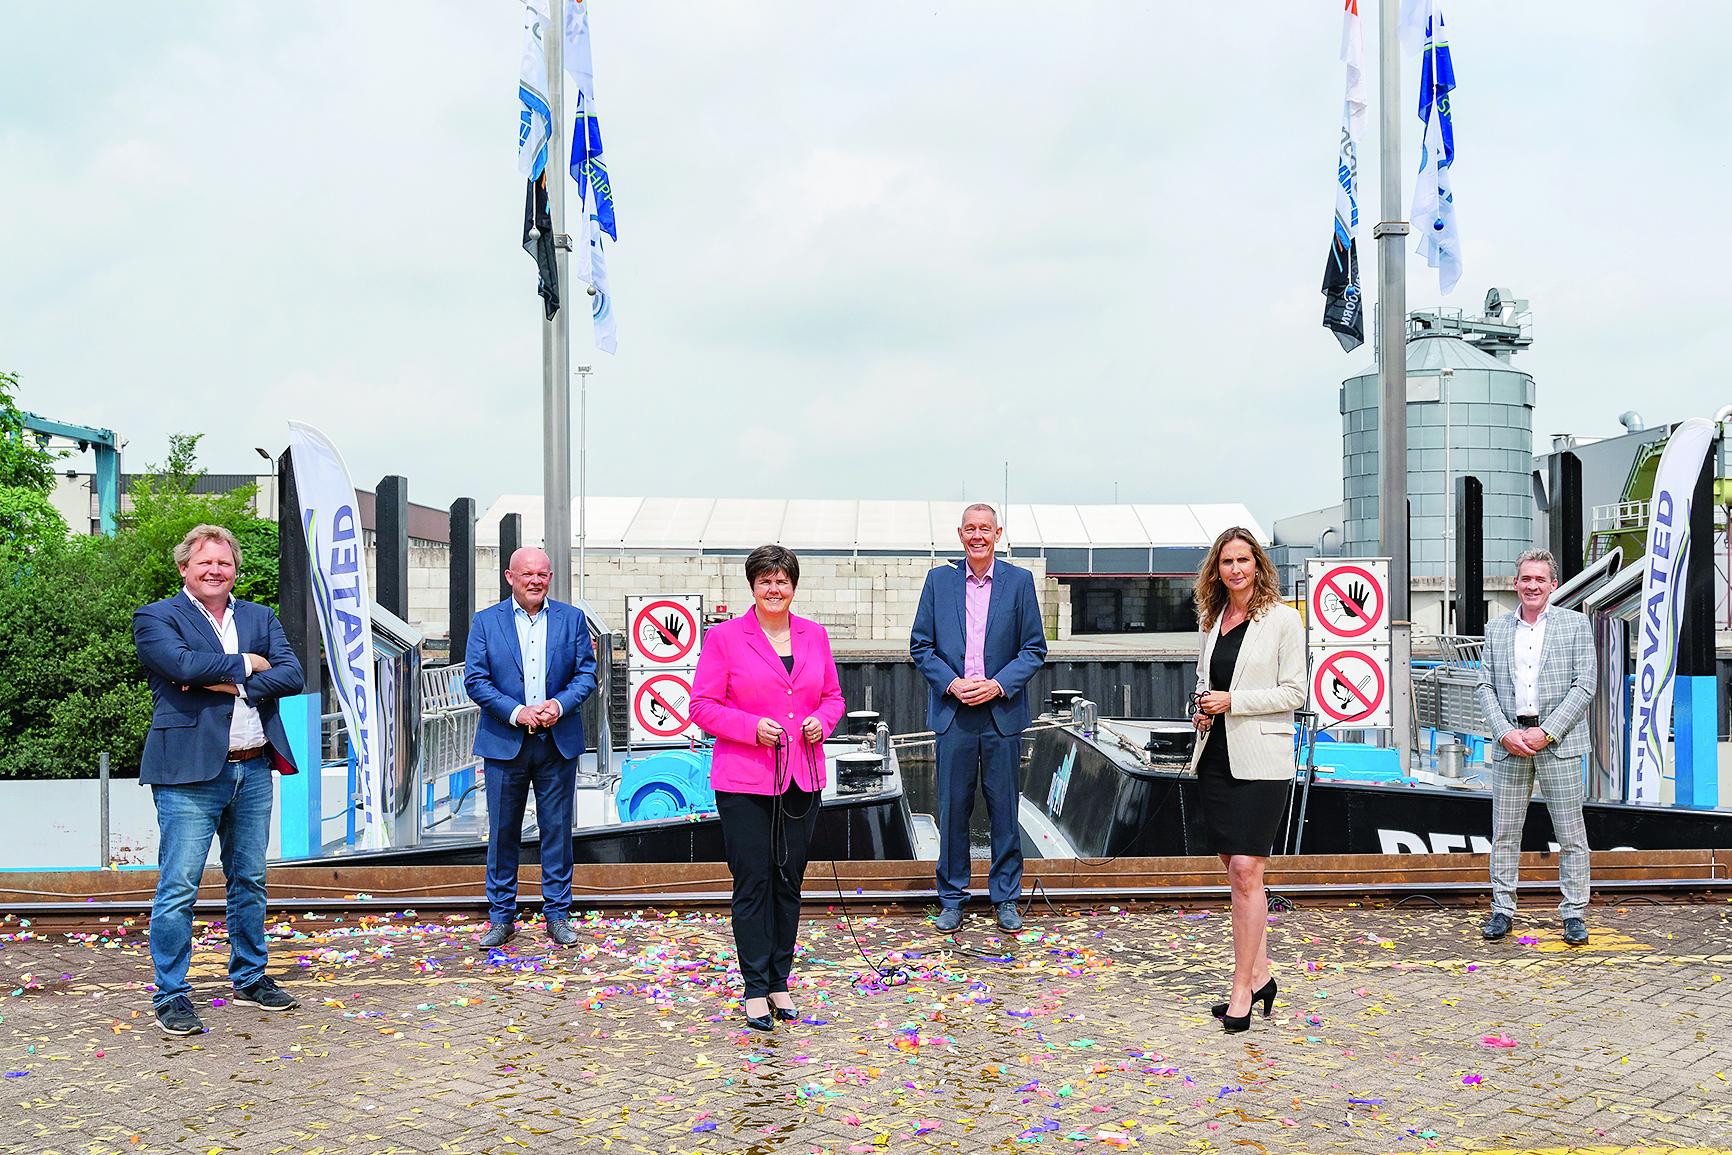 Diederik Antvelink (NedCargo), Joop Mijland (BCTN), Ina Adema (Provincie Brabant), Willem Dedden (ZES), mevrouw Verduijn (Heineken), Chris Kornet (Concordia Damen). Foto NedCargo